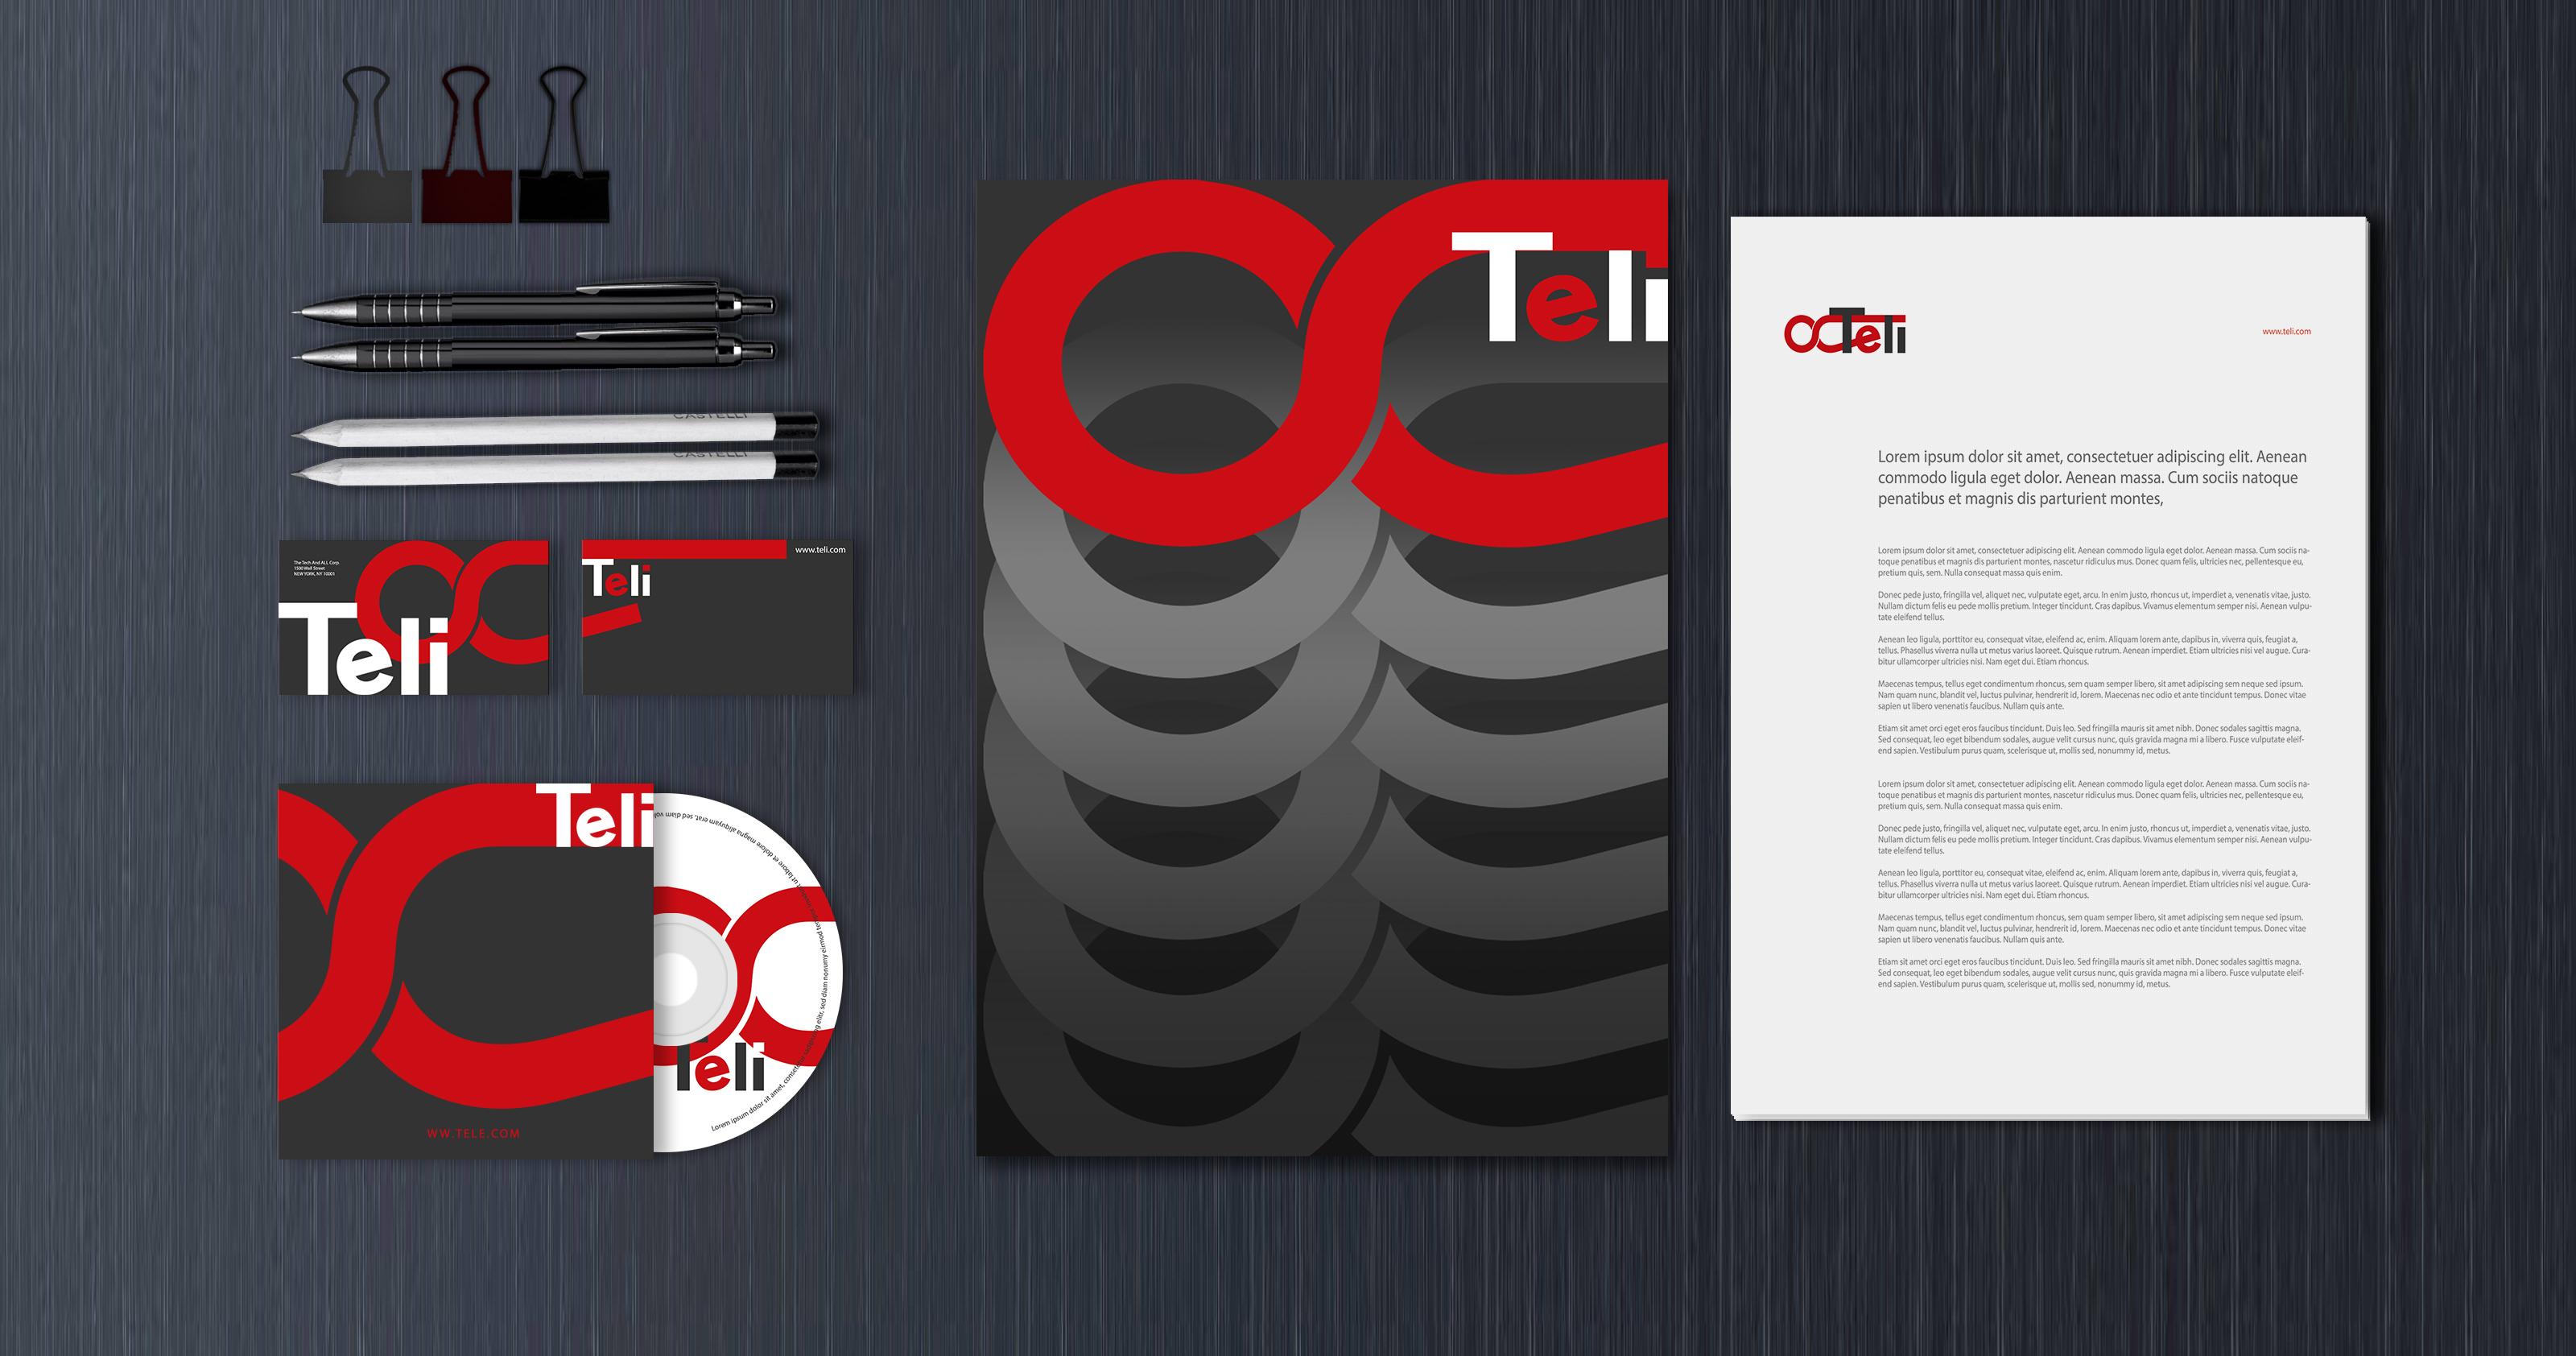 Разработка логотипа и фирменного стиля фото f_7245904a67d6cfe7.jpg